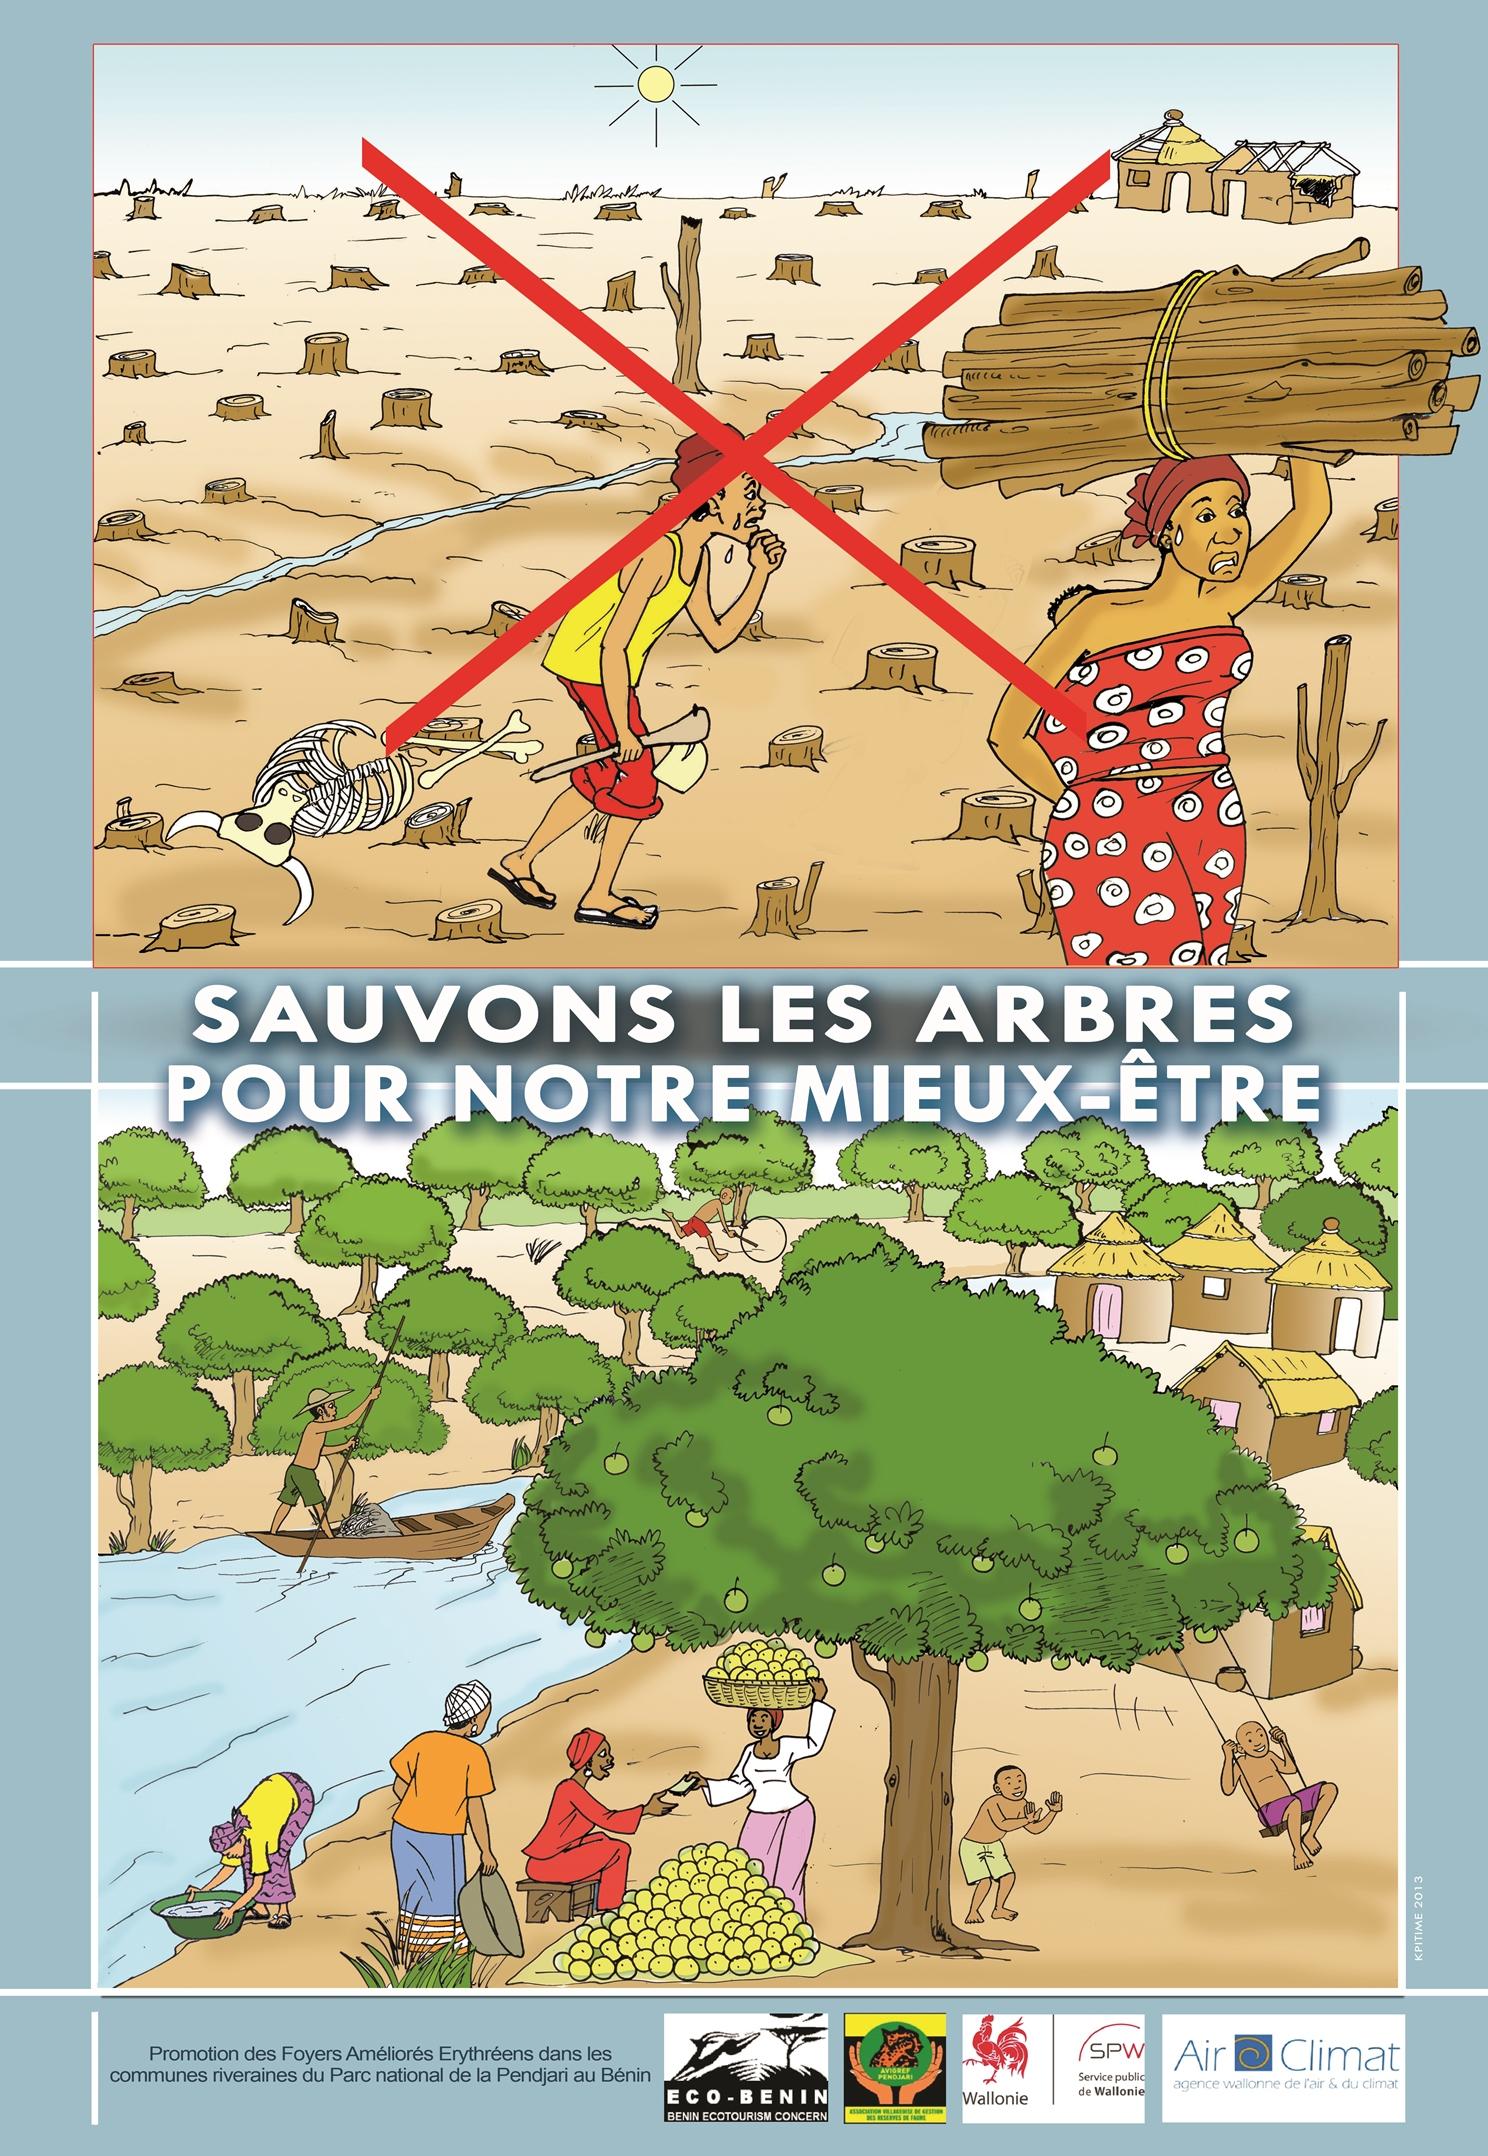 Affiches, posters et brochures de sensibilisation